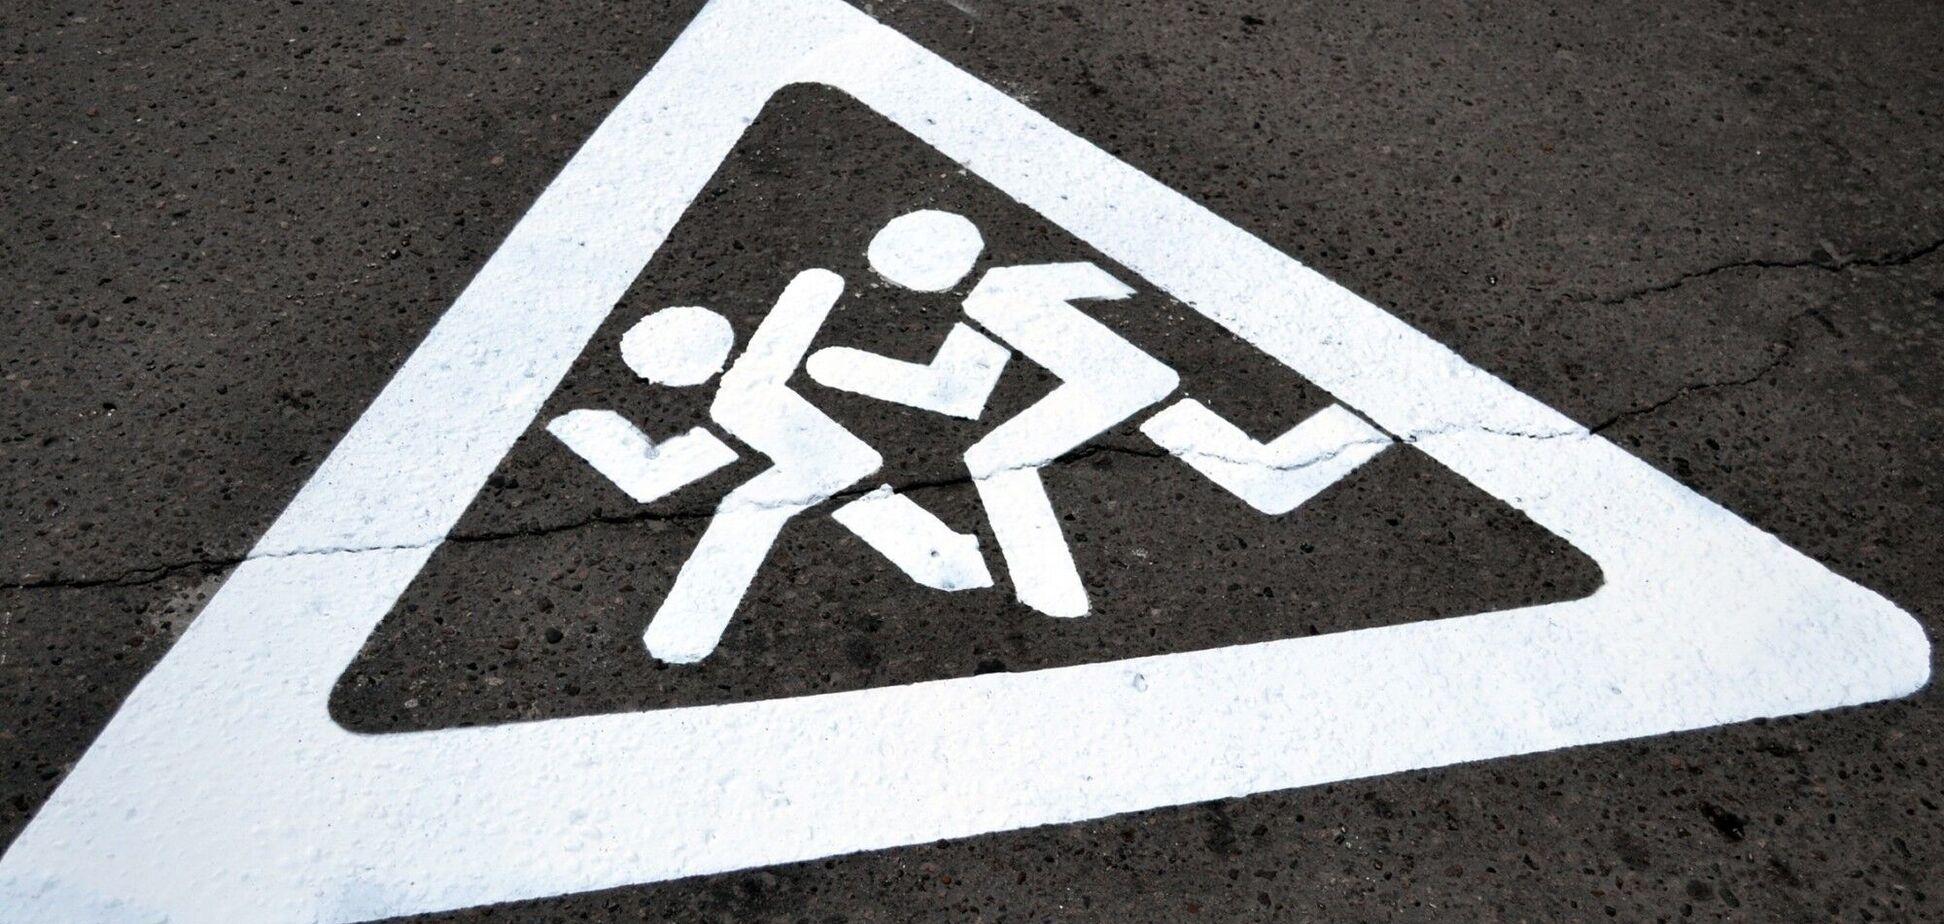 В Кривом Роге пьяный водитель сбил двух подростков на 'зебре'. Видео